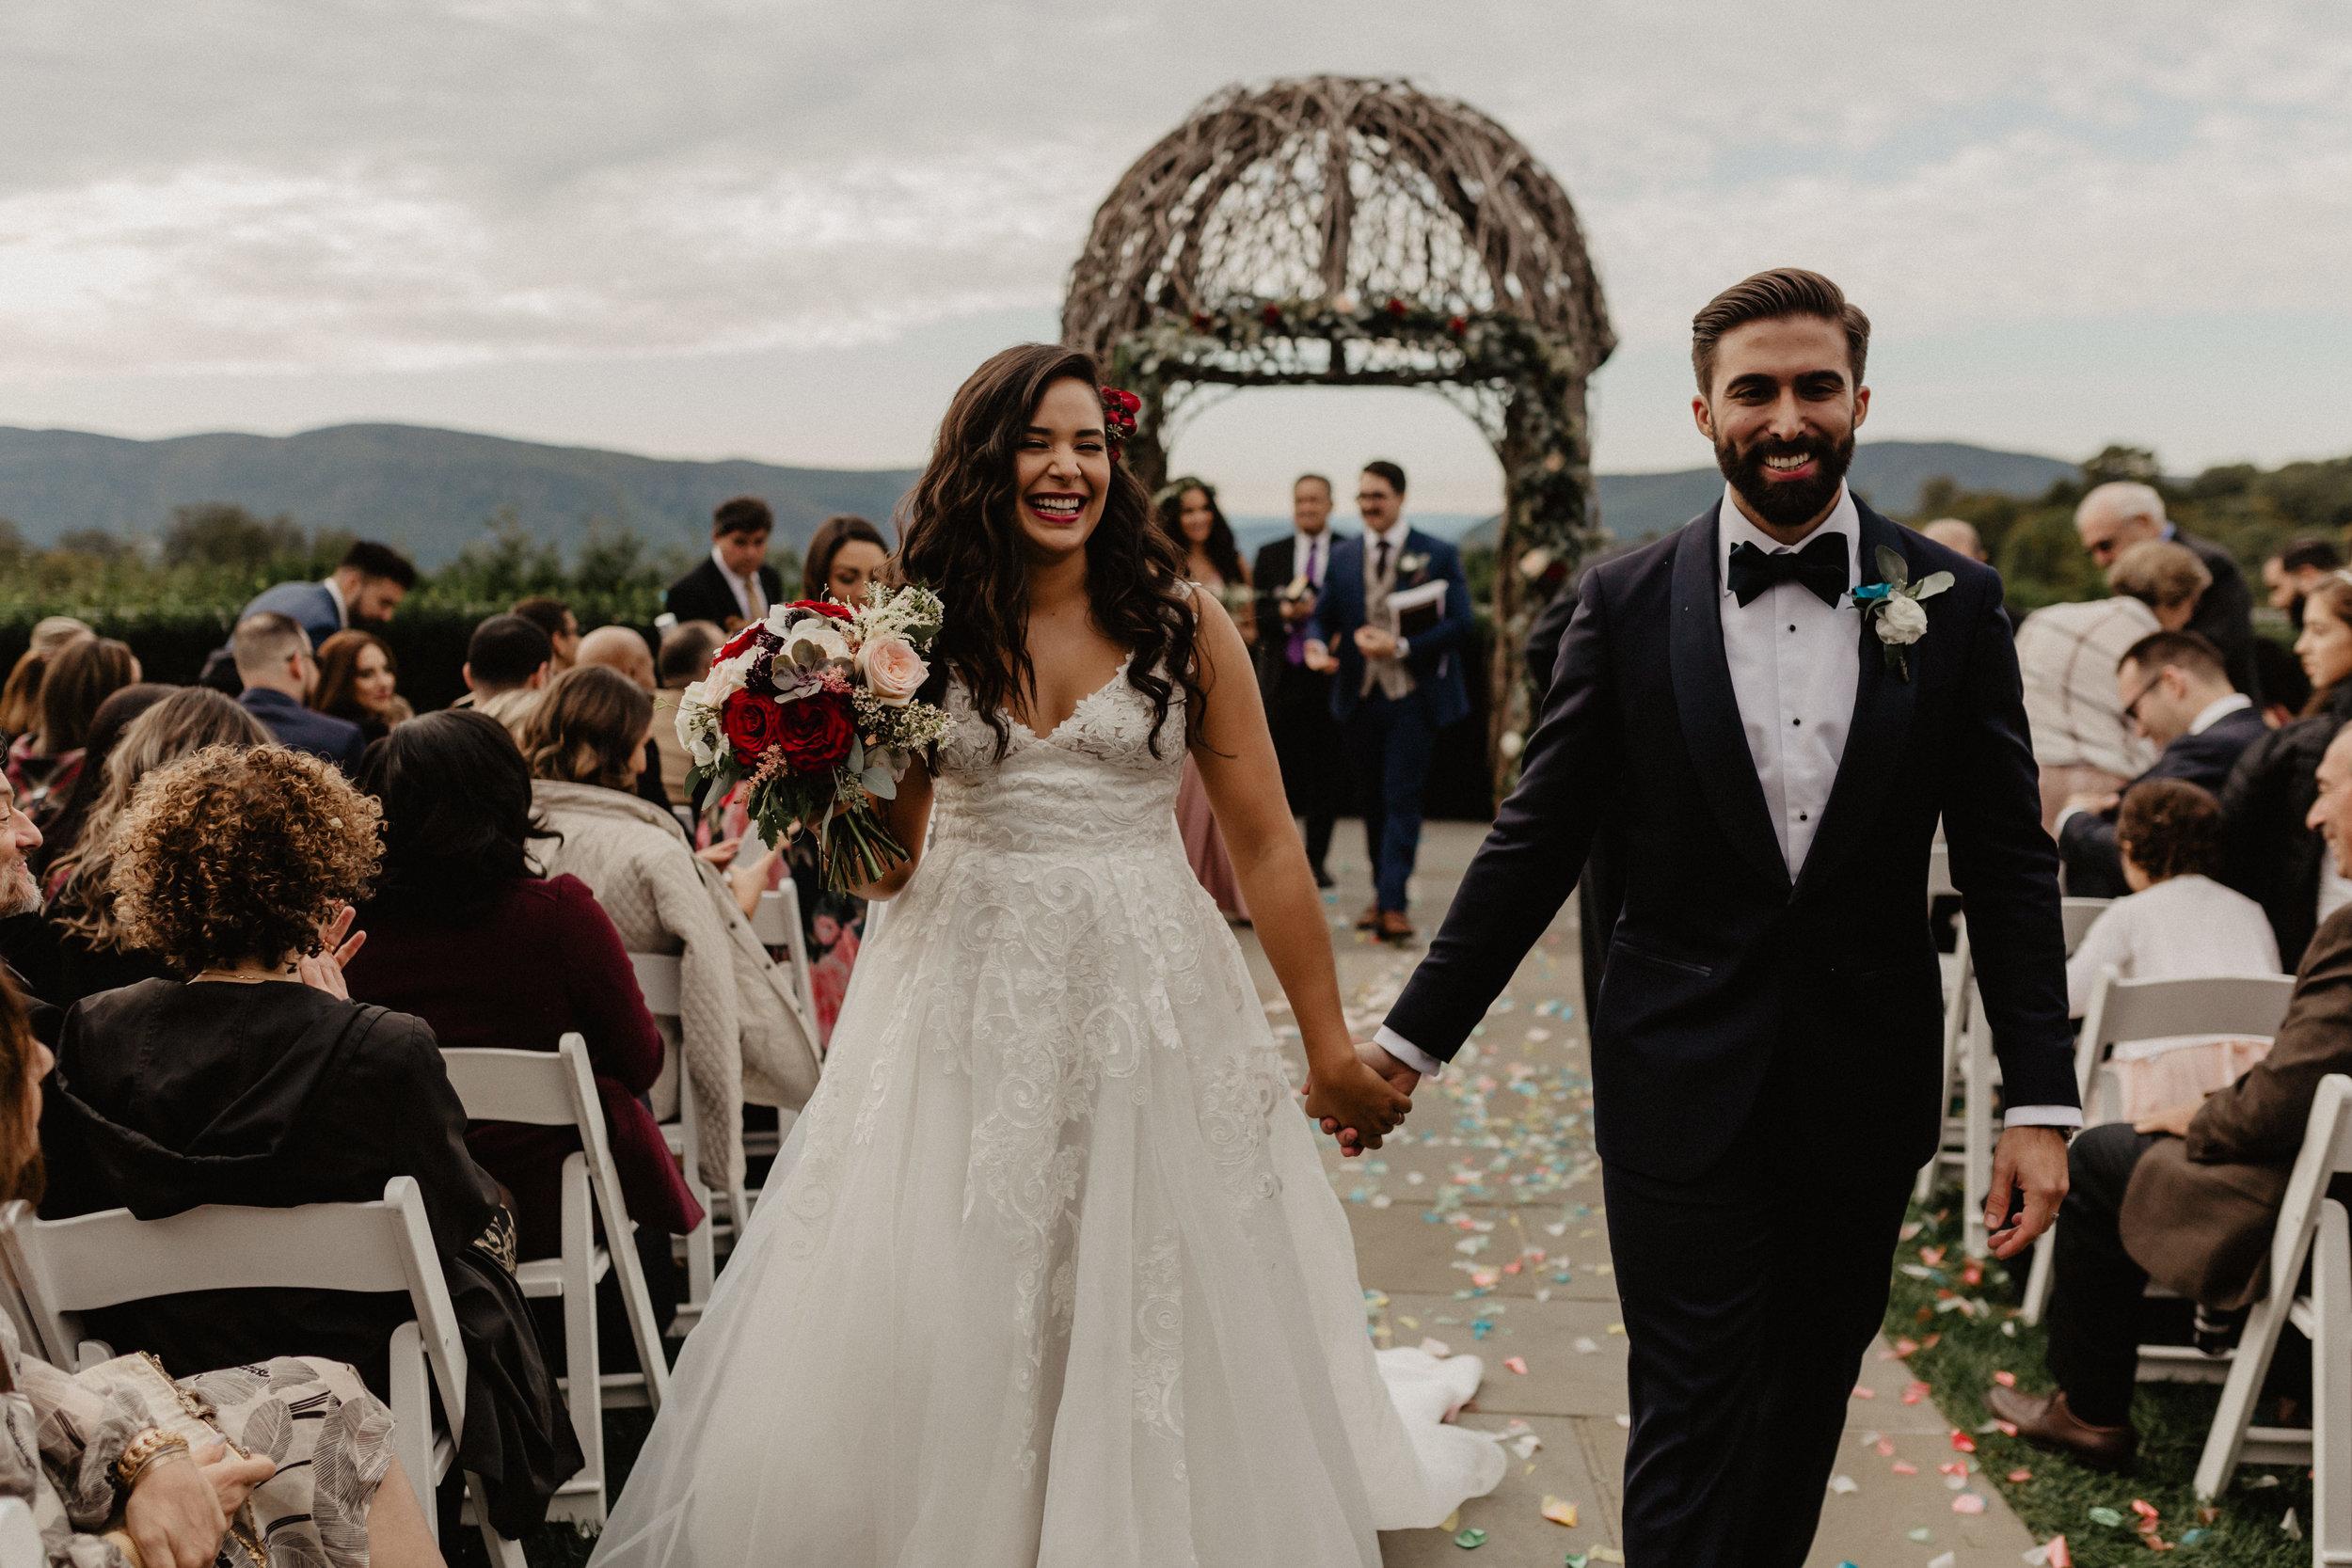 garrison_wedding_photos_062.jpg